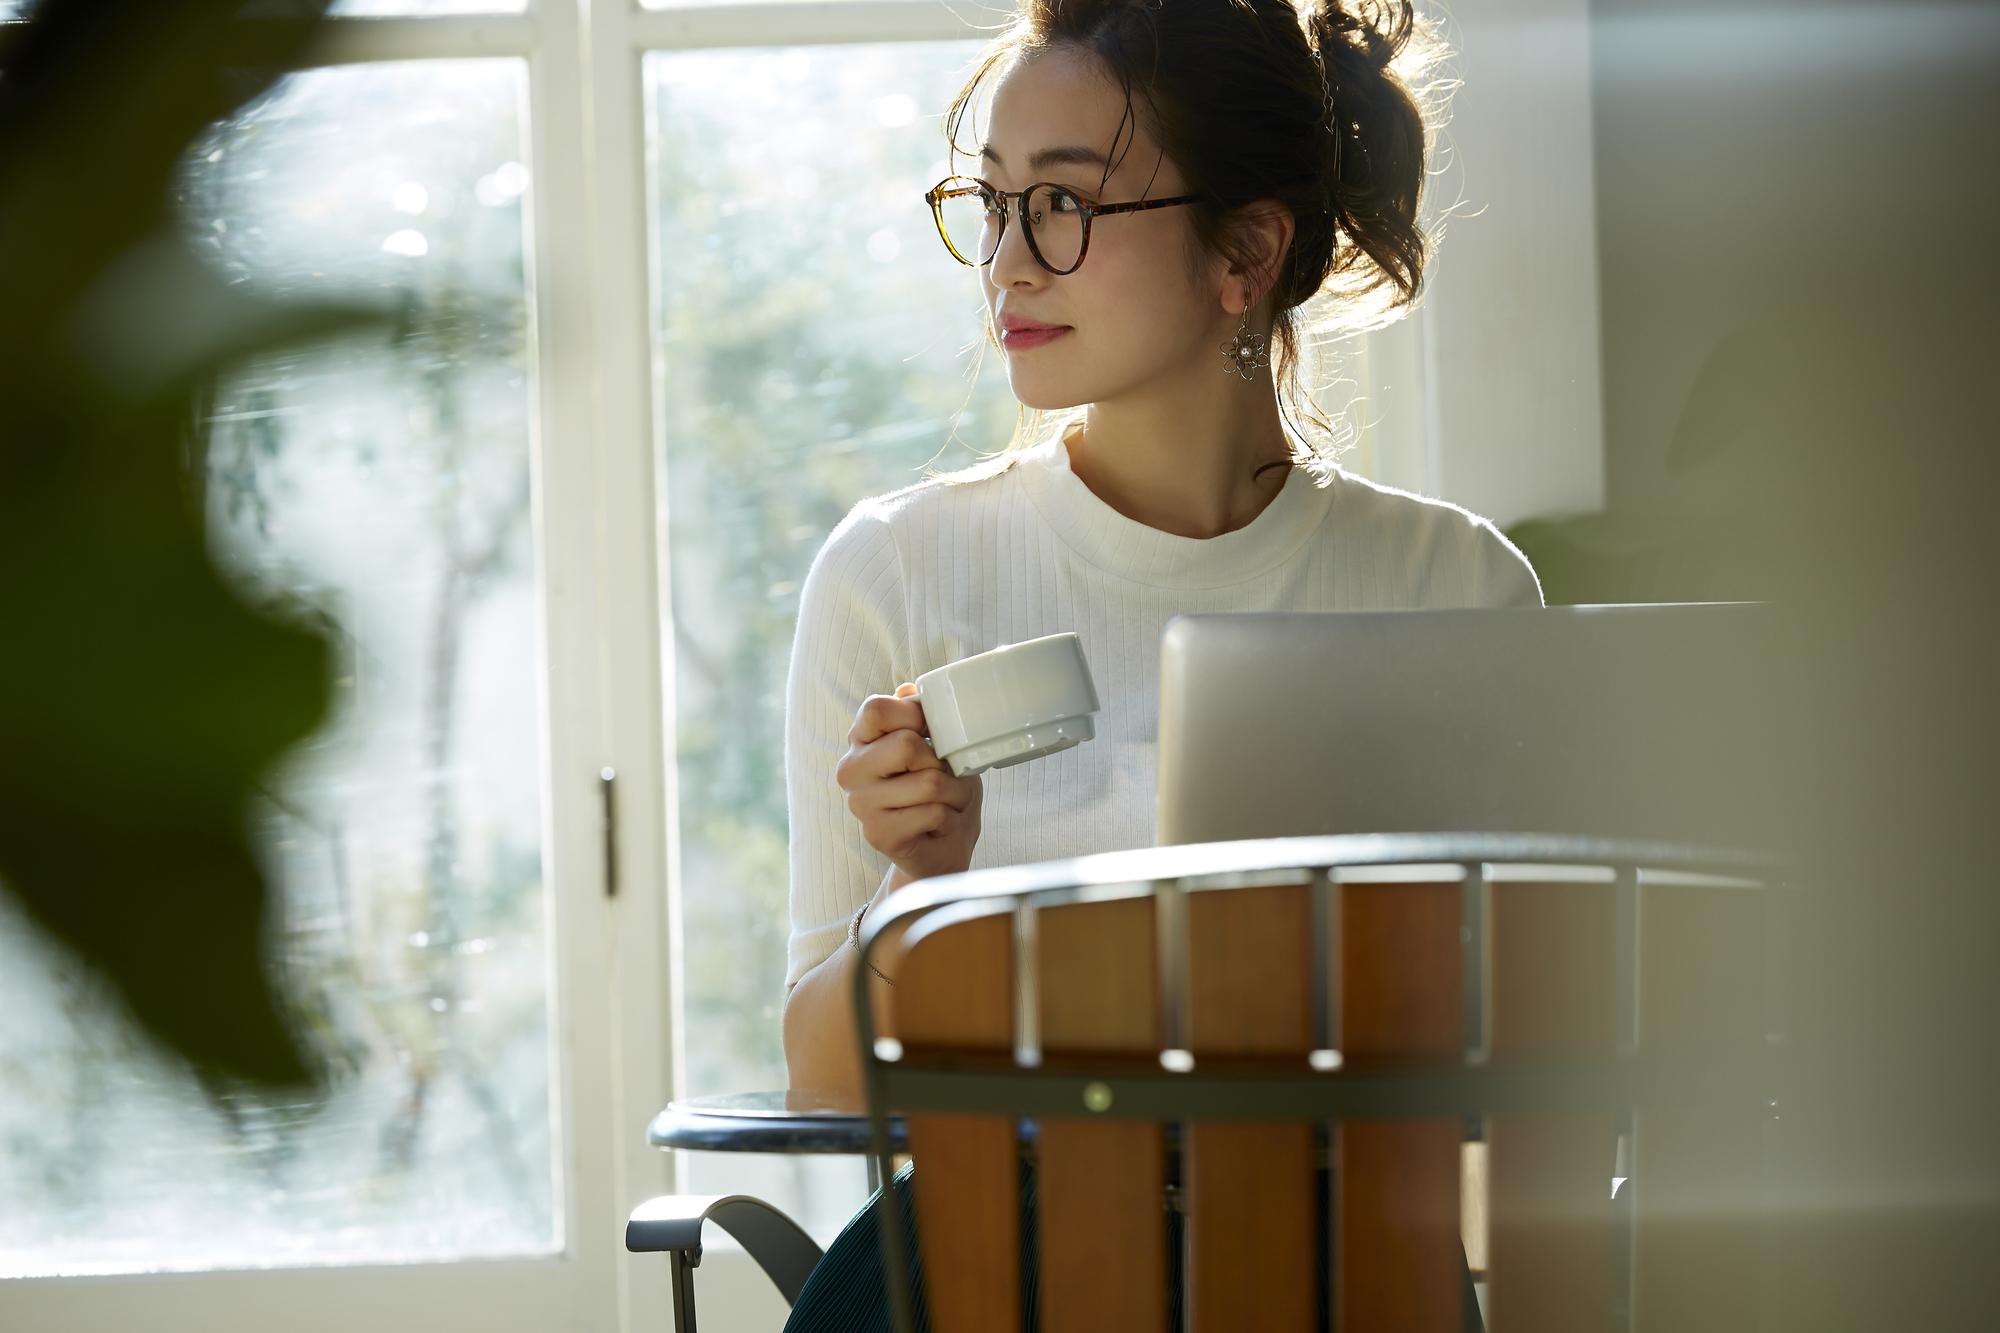 書類とカップを持って窓際に座っている女性